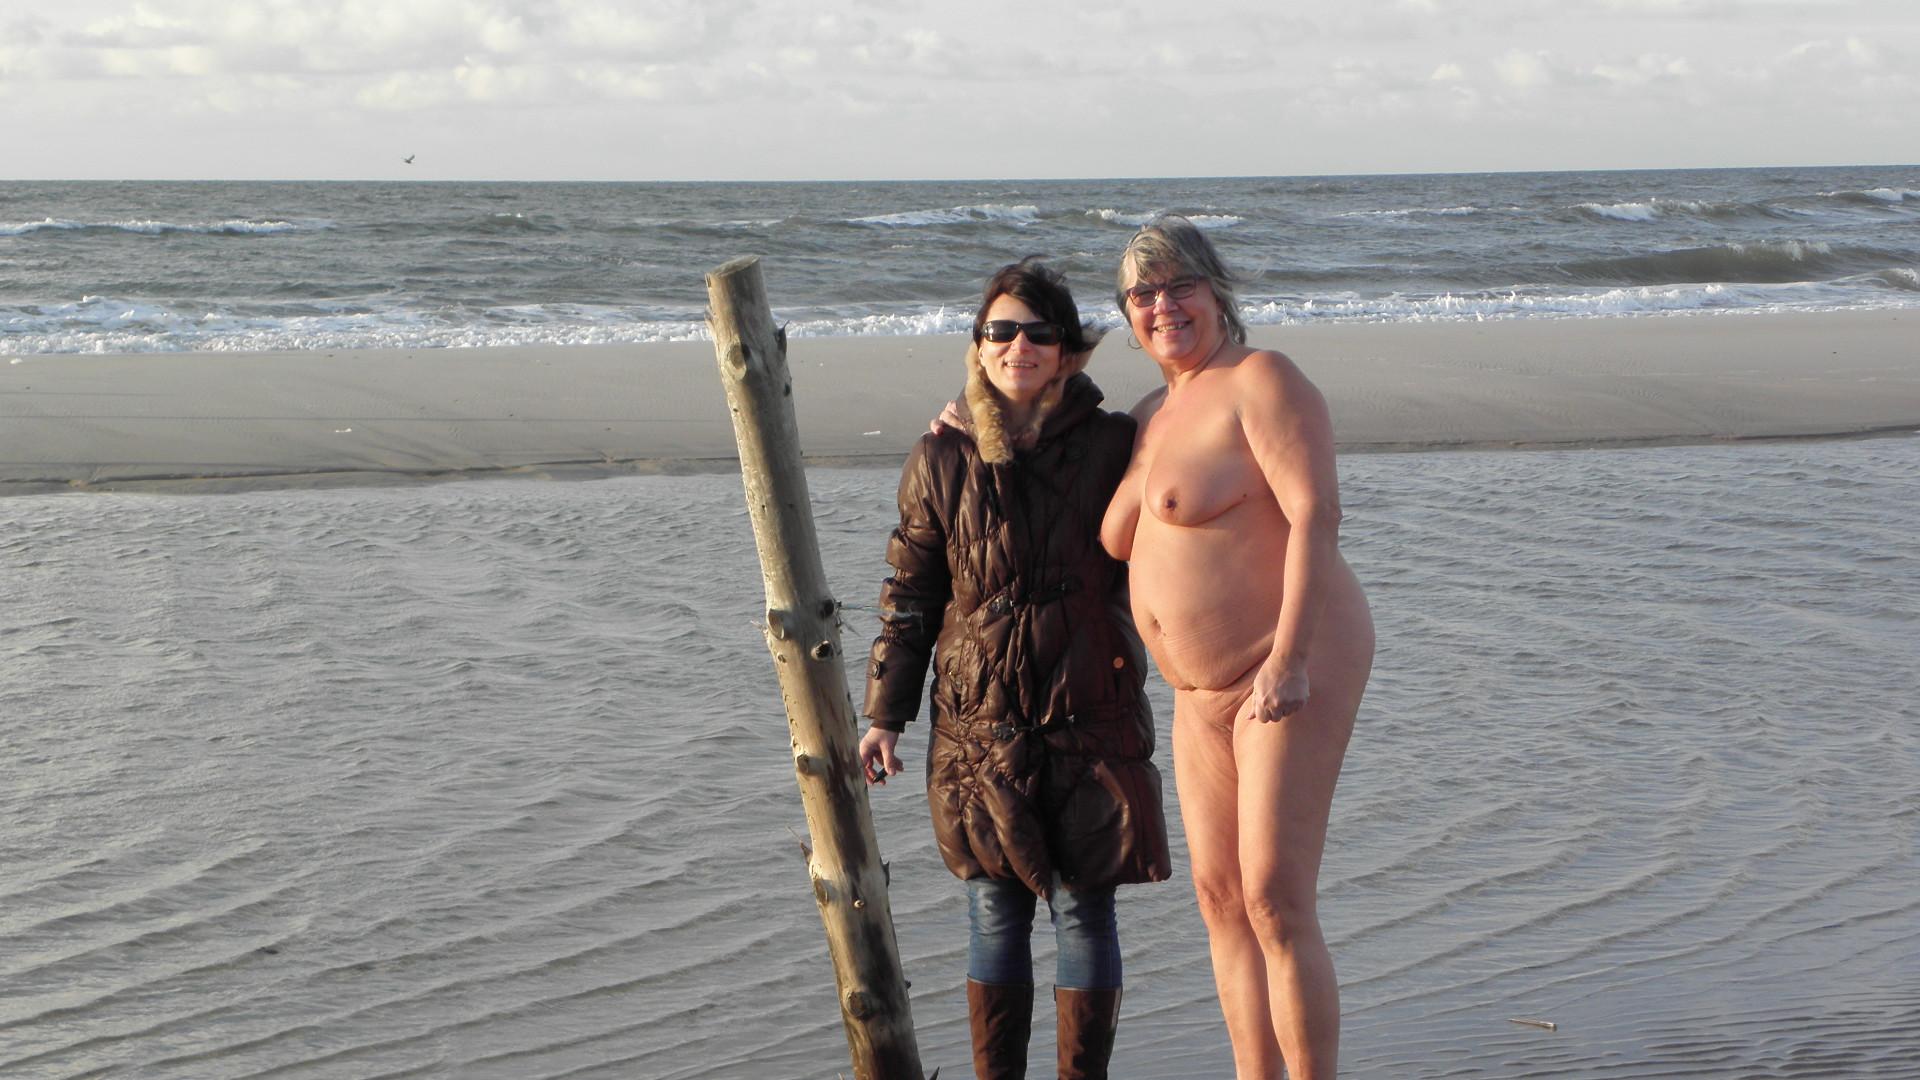 aalborg piger nøgne strand billeder